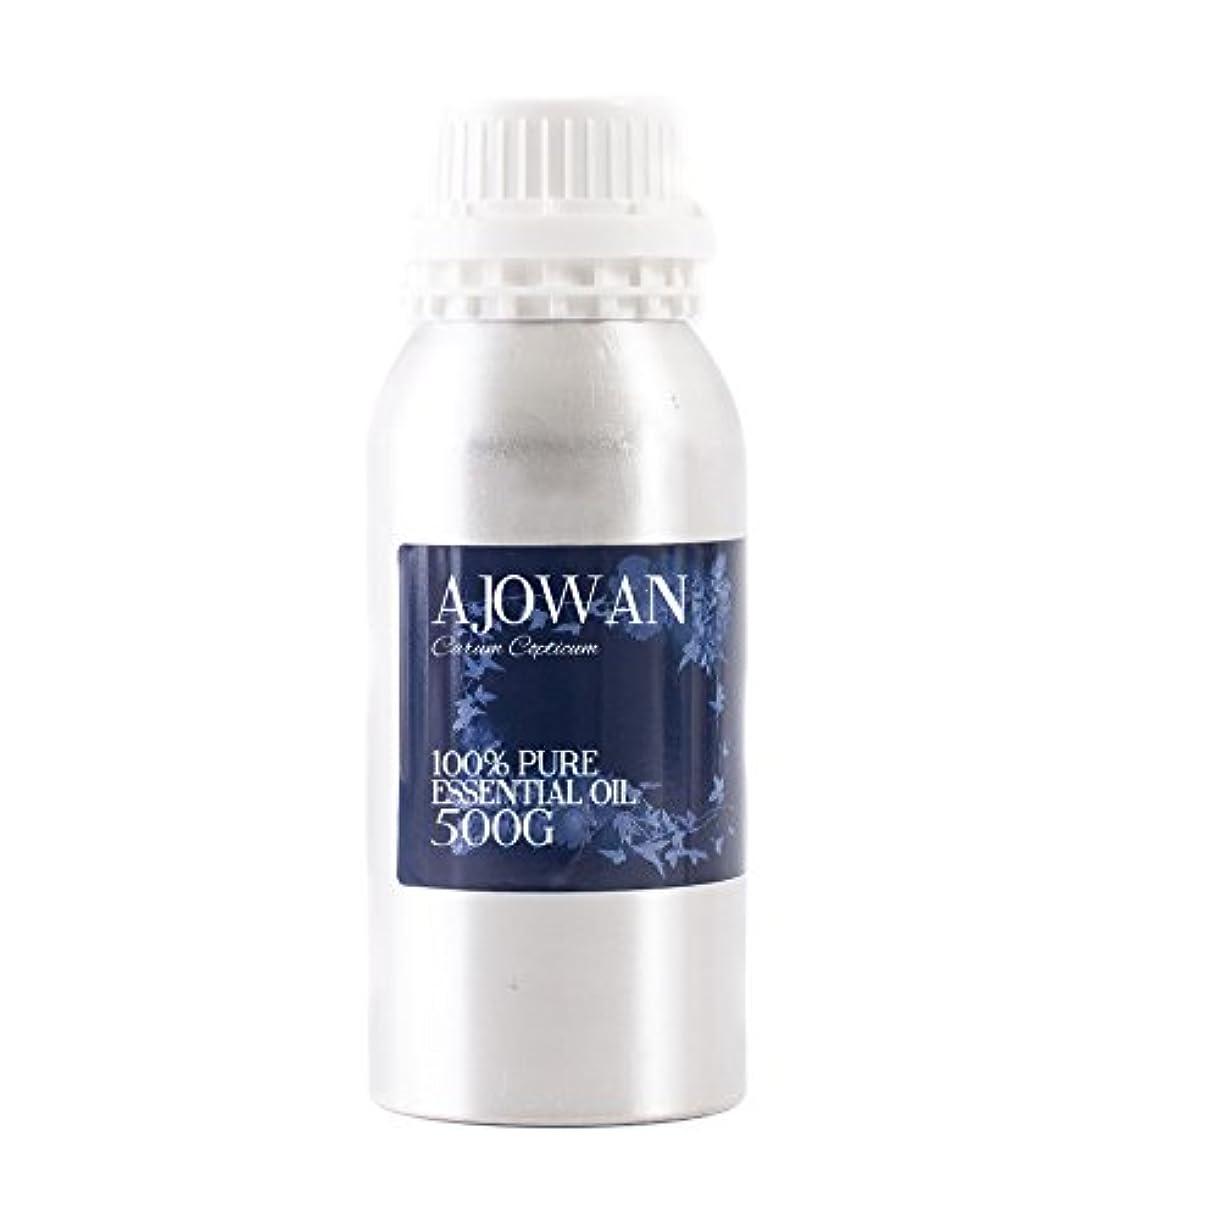 積極的にキャリア設置Mystic Moments | Ajowan Essential Oil - 500g - 100% Pure